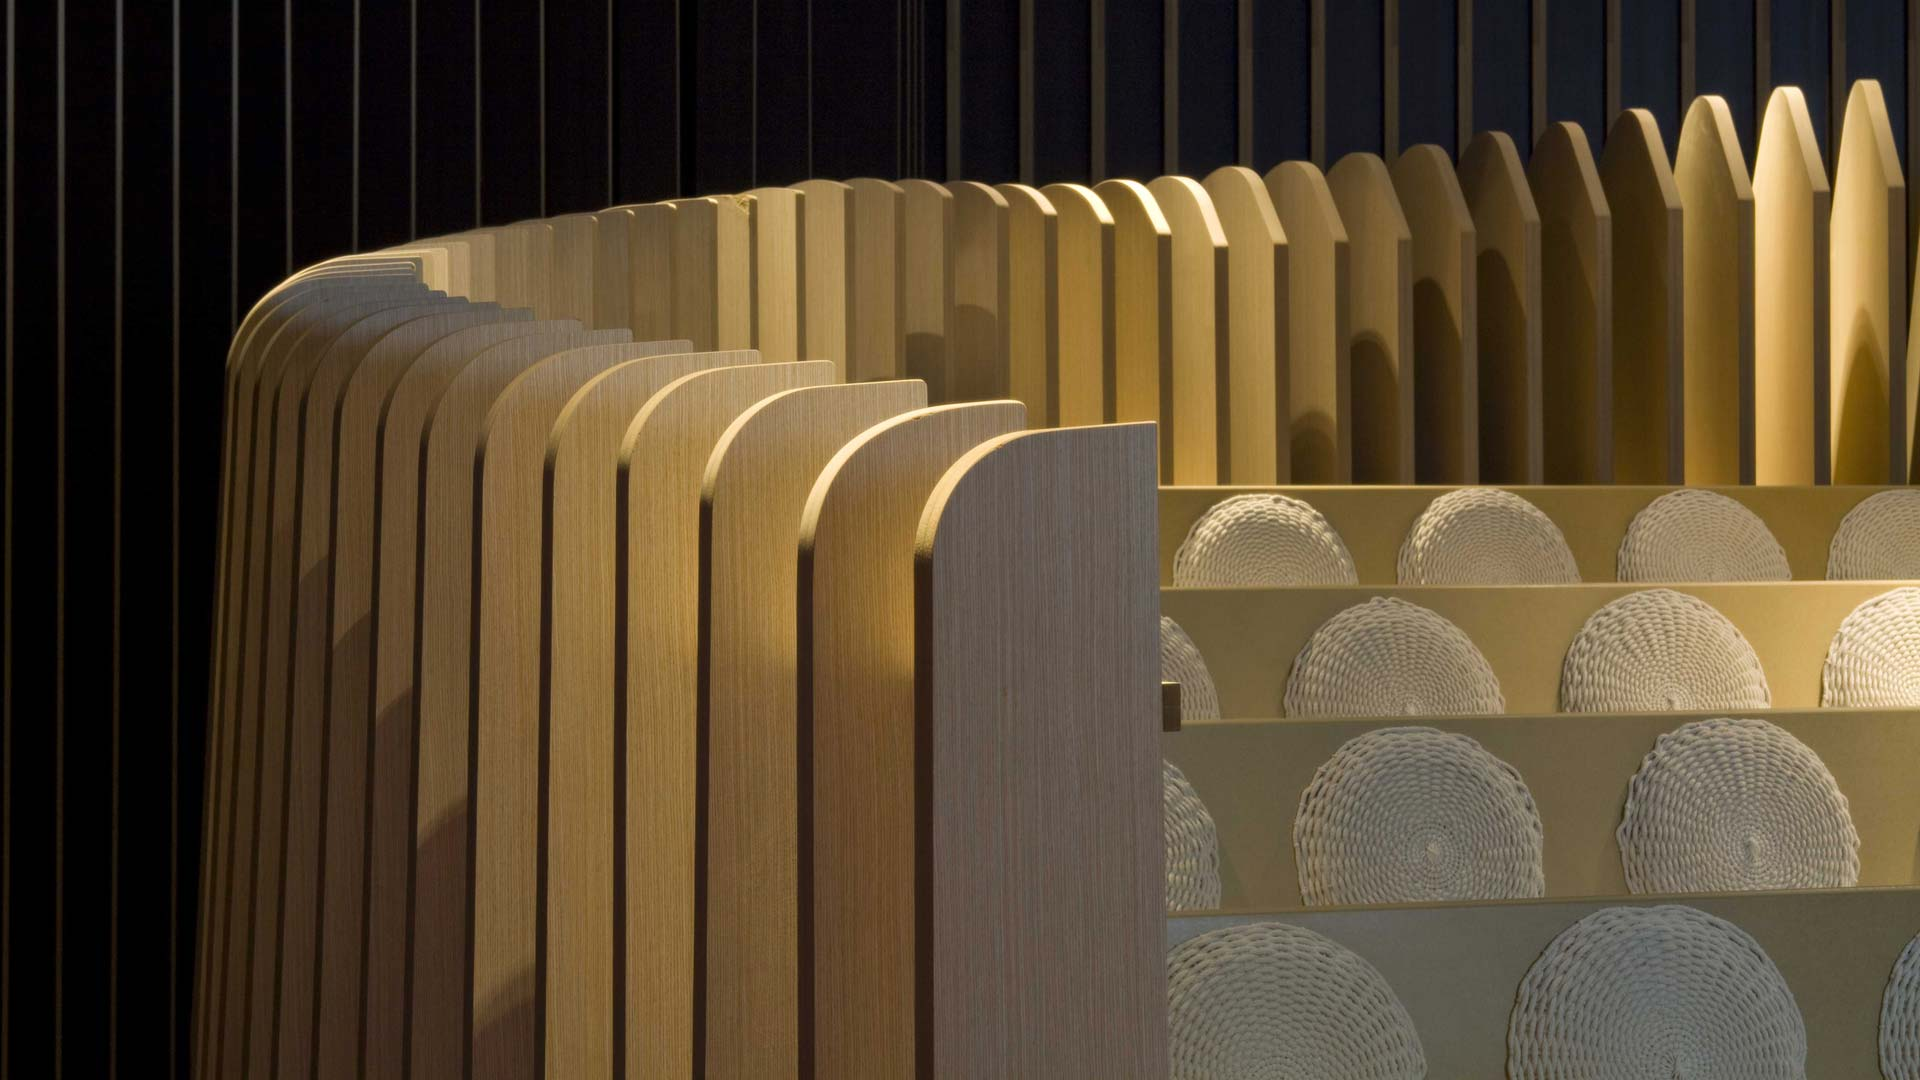 30 Dise O Estrat Gico Stands Exhibidores Locales Muebles A  # Cetrogar Muebles